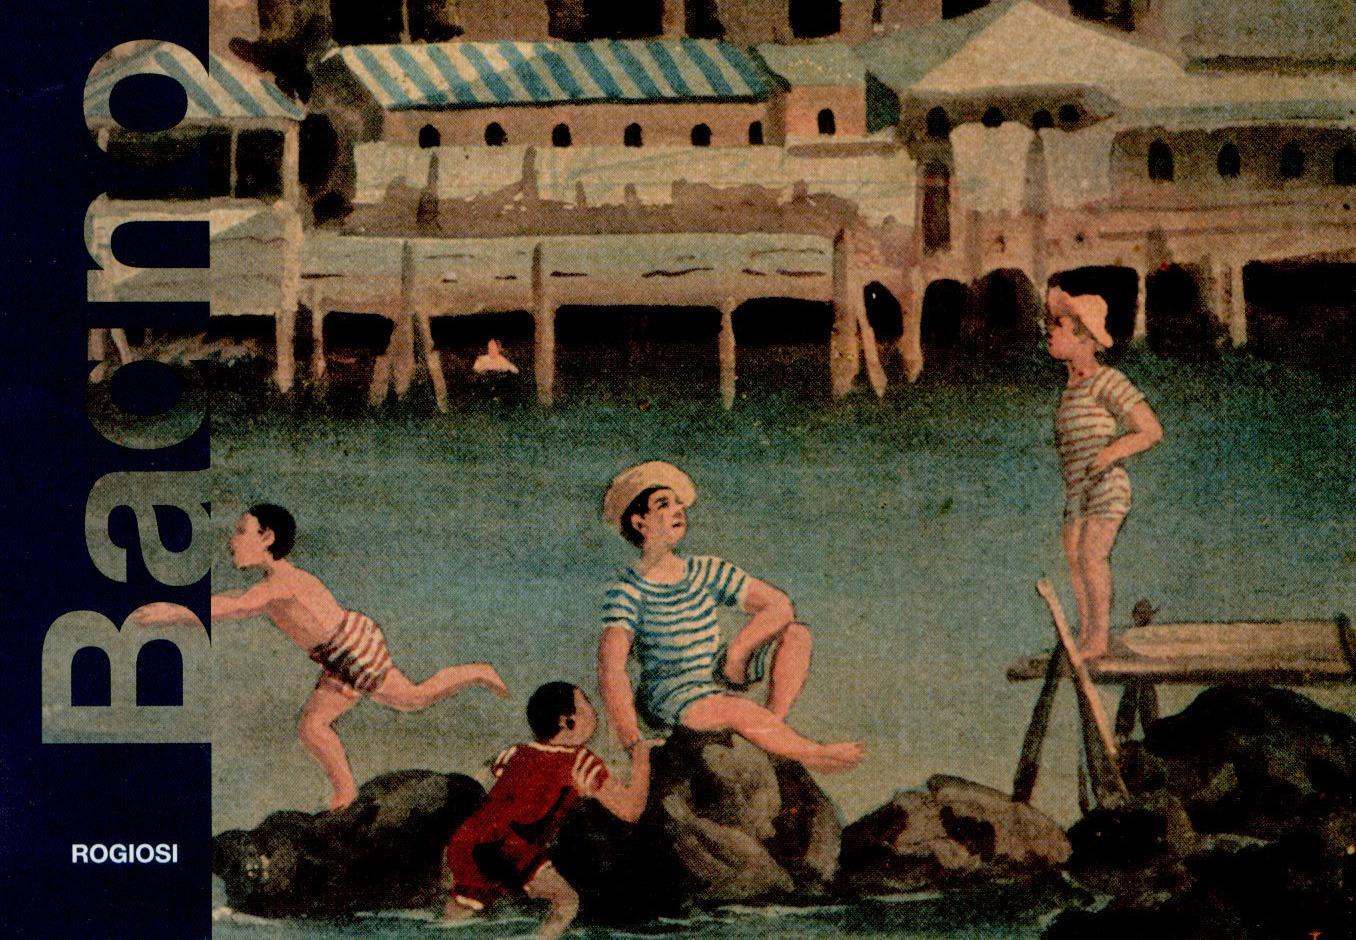 Espresso napoletano il bagno elena storia collettiva immortalata da un meraviglioso libro - Bagno elena posillipo ...